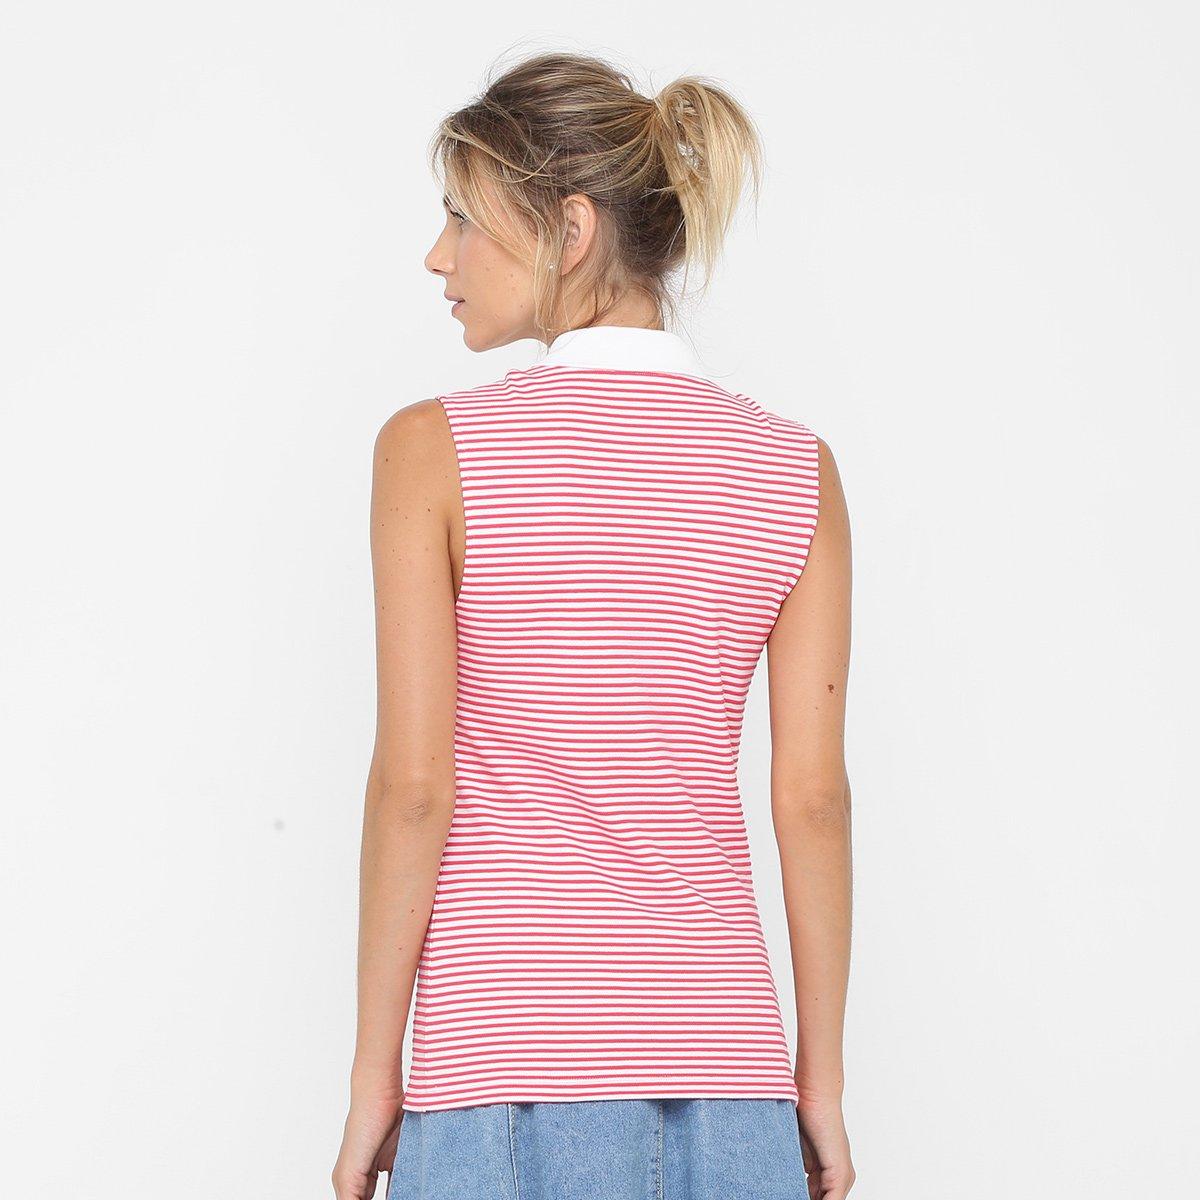 175a46fc6bb5c Camisa Polo Lacoste Sem Mangas Listrada Feminina - Compre Agora ...